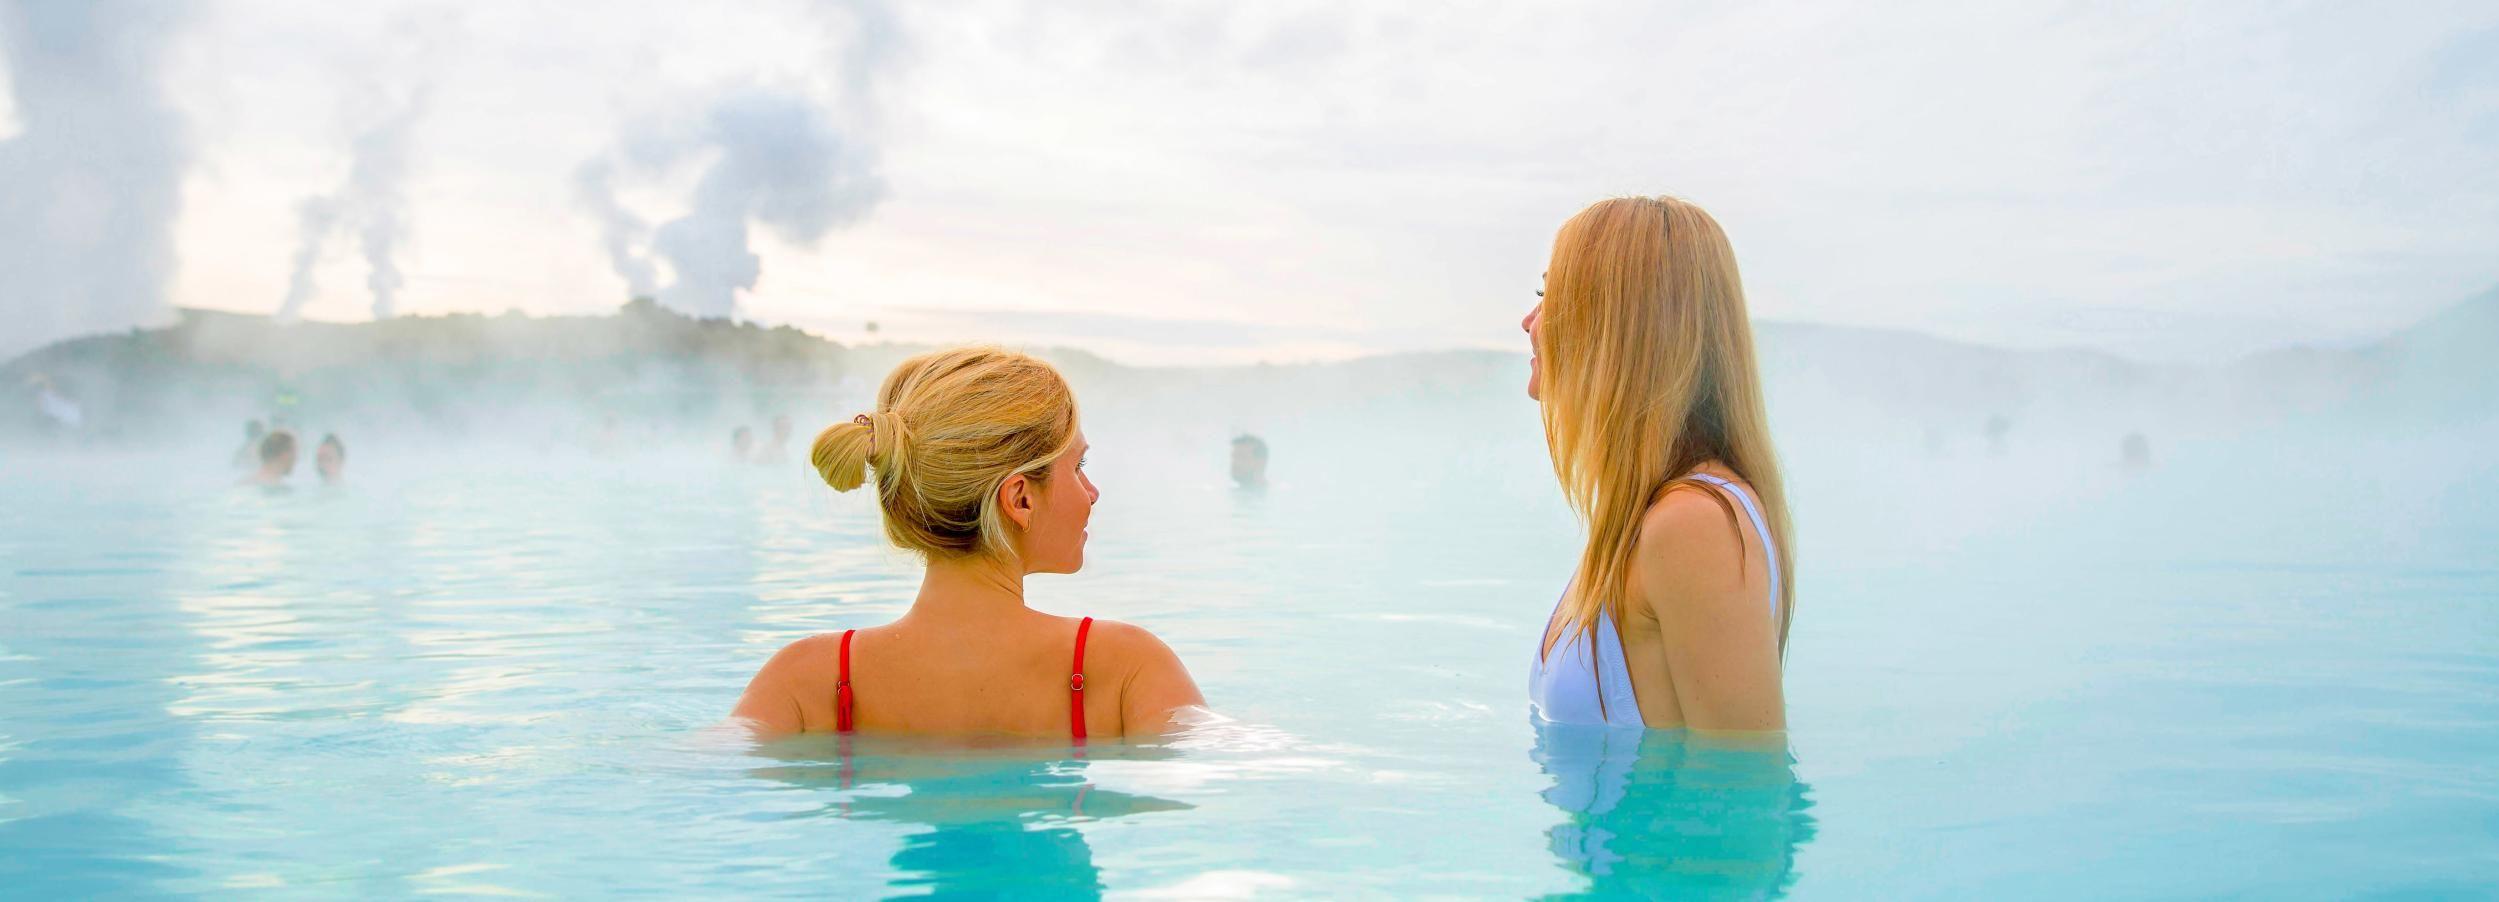 Desde Reikiavik: tour del Círculo Dorado y la laguna Azul